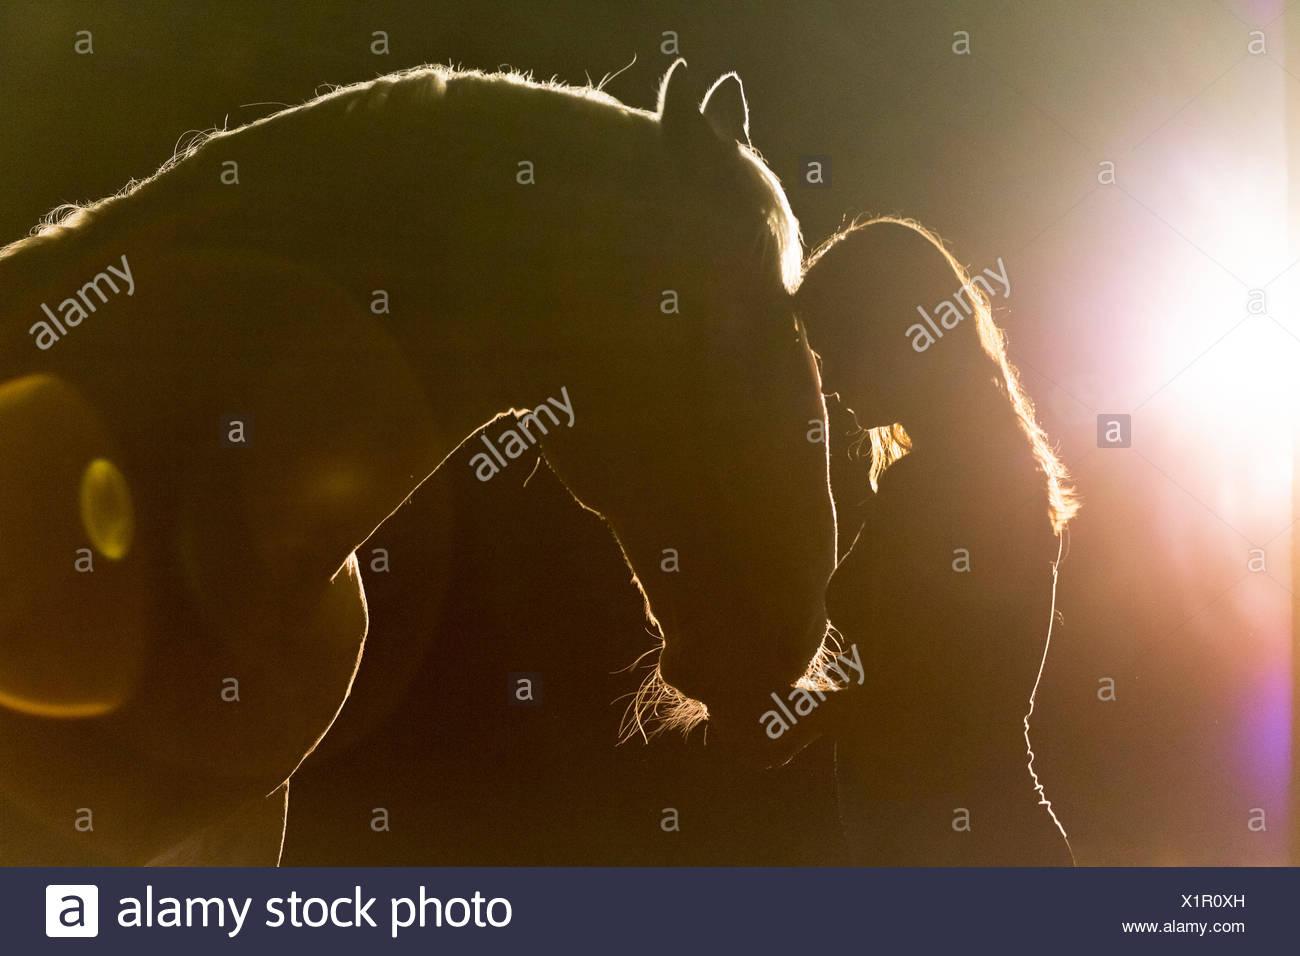 Lipizzan cavallo. Ritratto di adulto stallone (Siglavy Capriola Primas) con la giovane donna nelle tenebre con la luce in background. Austria Immagini Stock